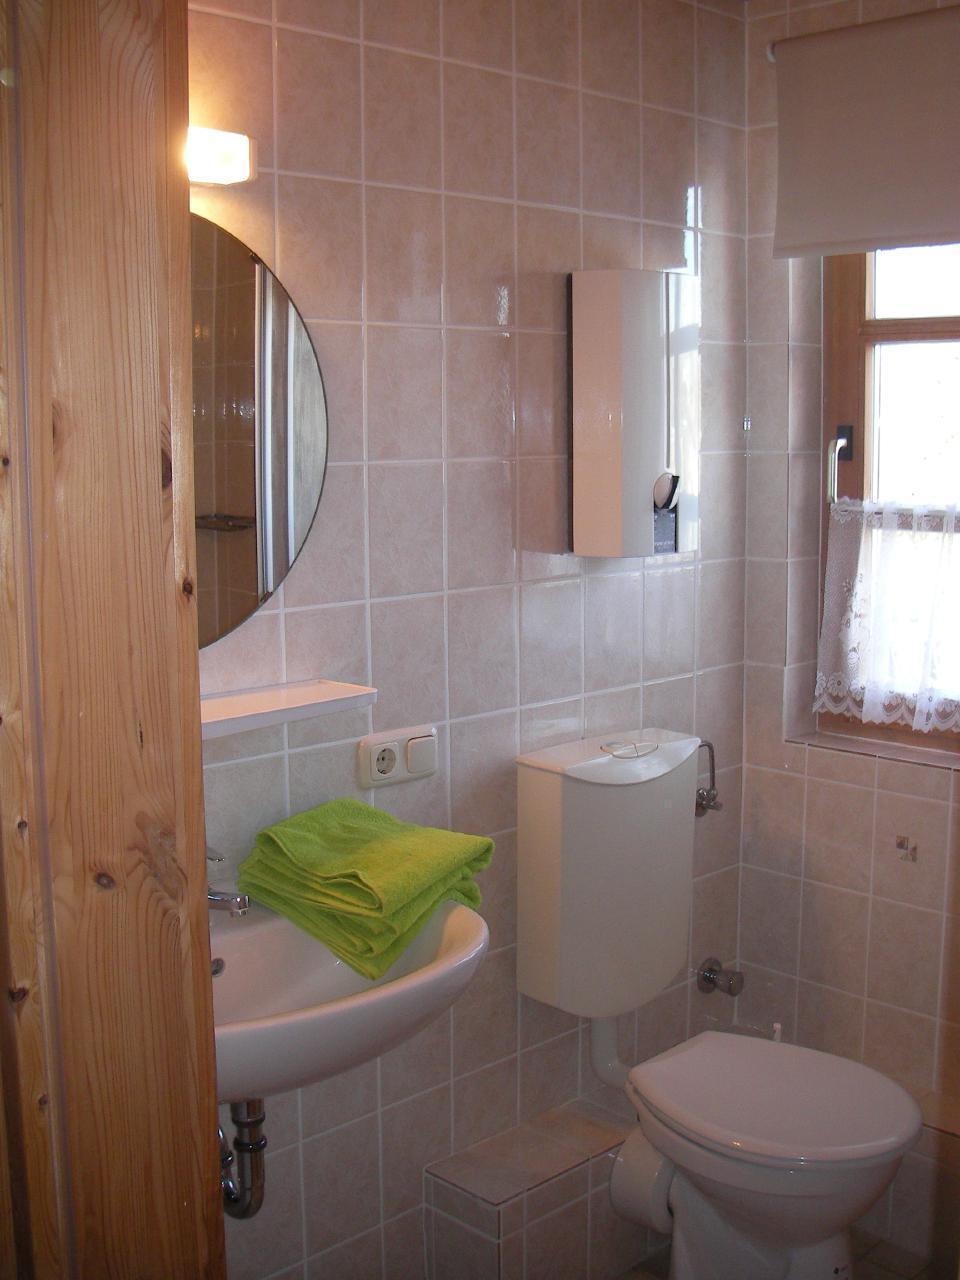 Ferienwohnung Haus Hilde Wohnung 2 (993407), Presseck, Oberfranken, Bayern, Deutschland, Bild 17